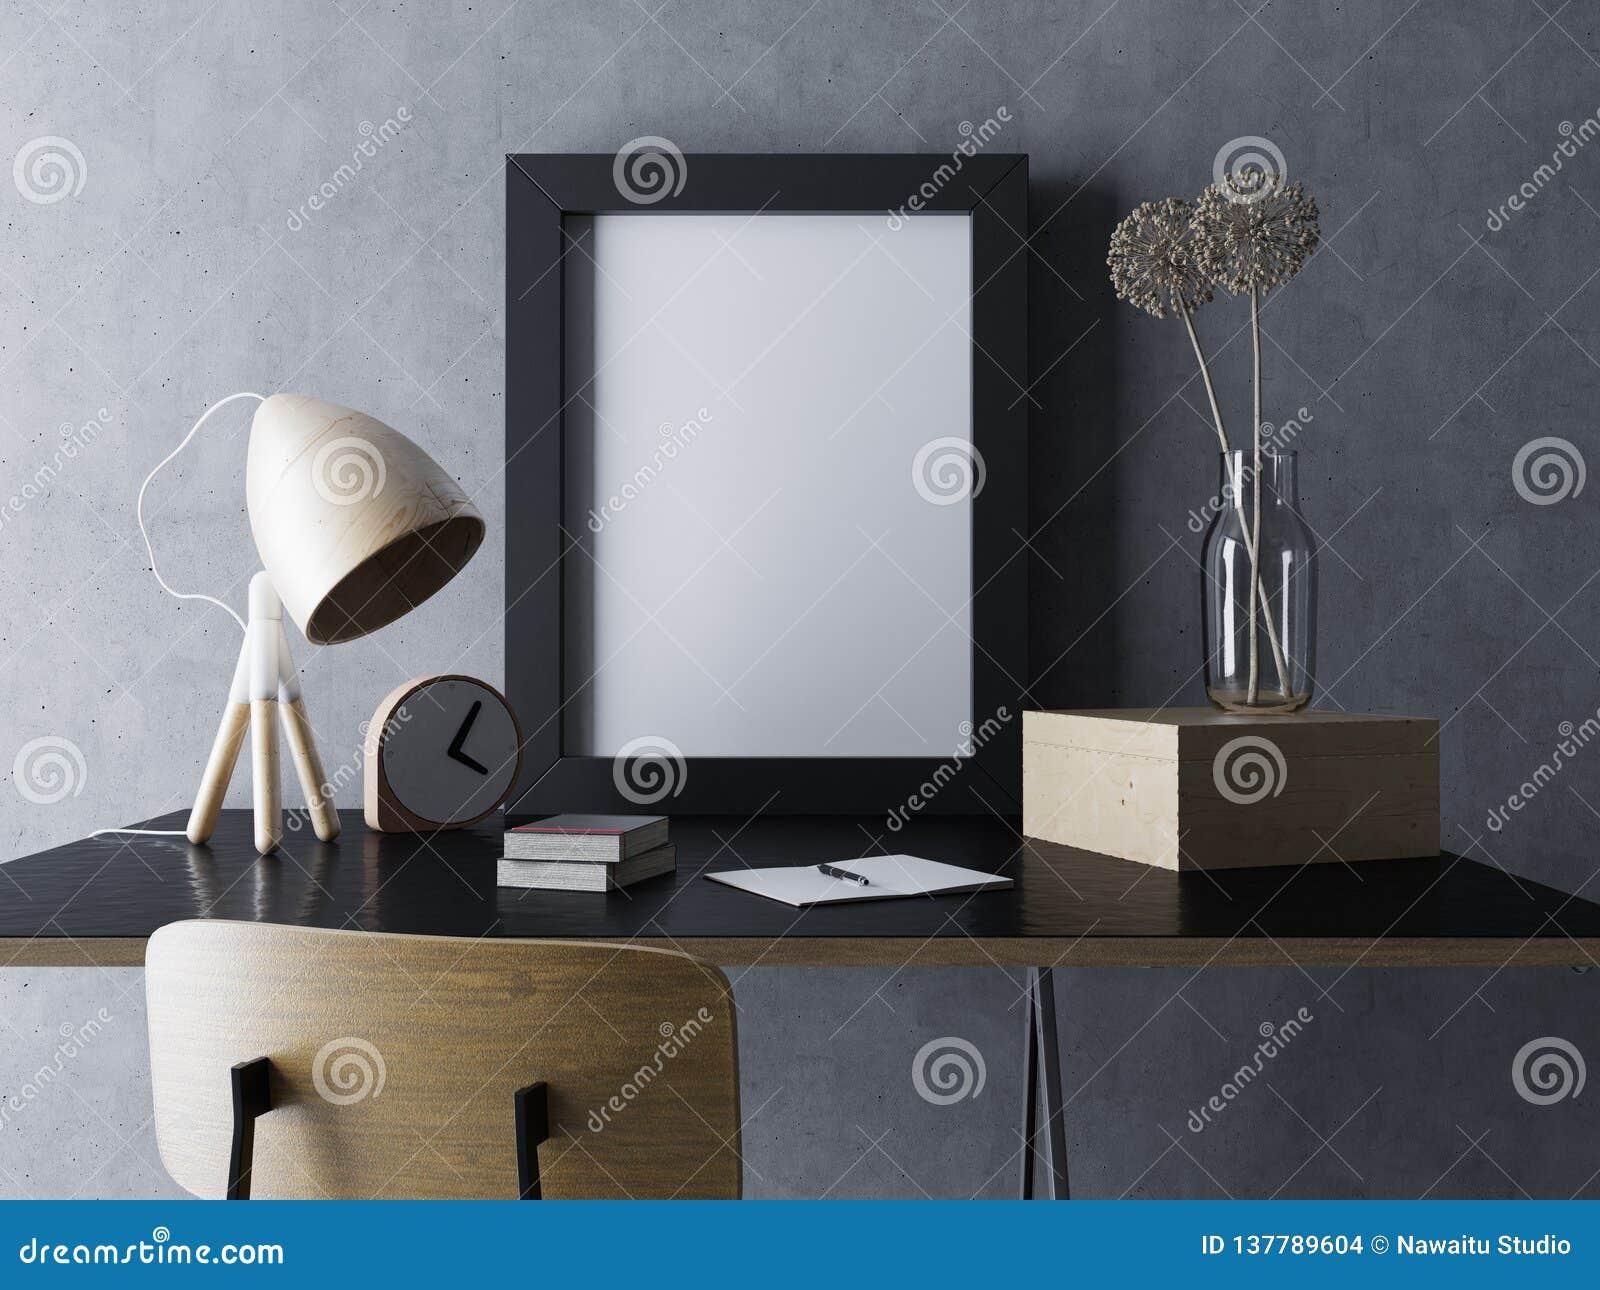 απεικόνιση της άνετης σχεδιαστών χλεύης αφισών χώρου εργασίας εσωτερικής κενής επάνω στο πρότυπο με την κάθετη συνεδρίαση πλαισίω